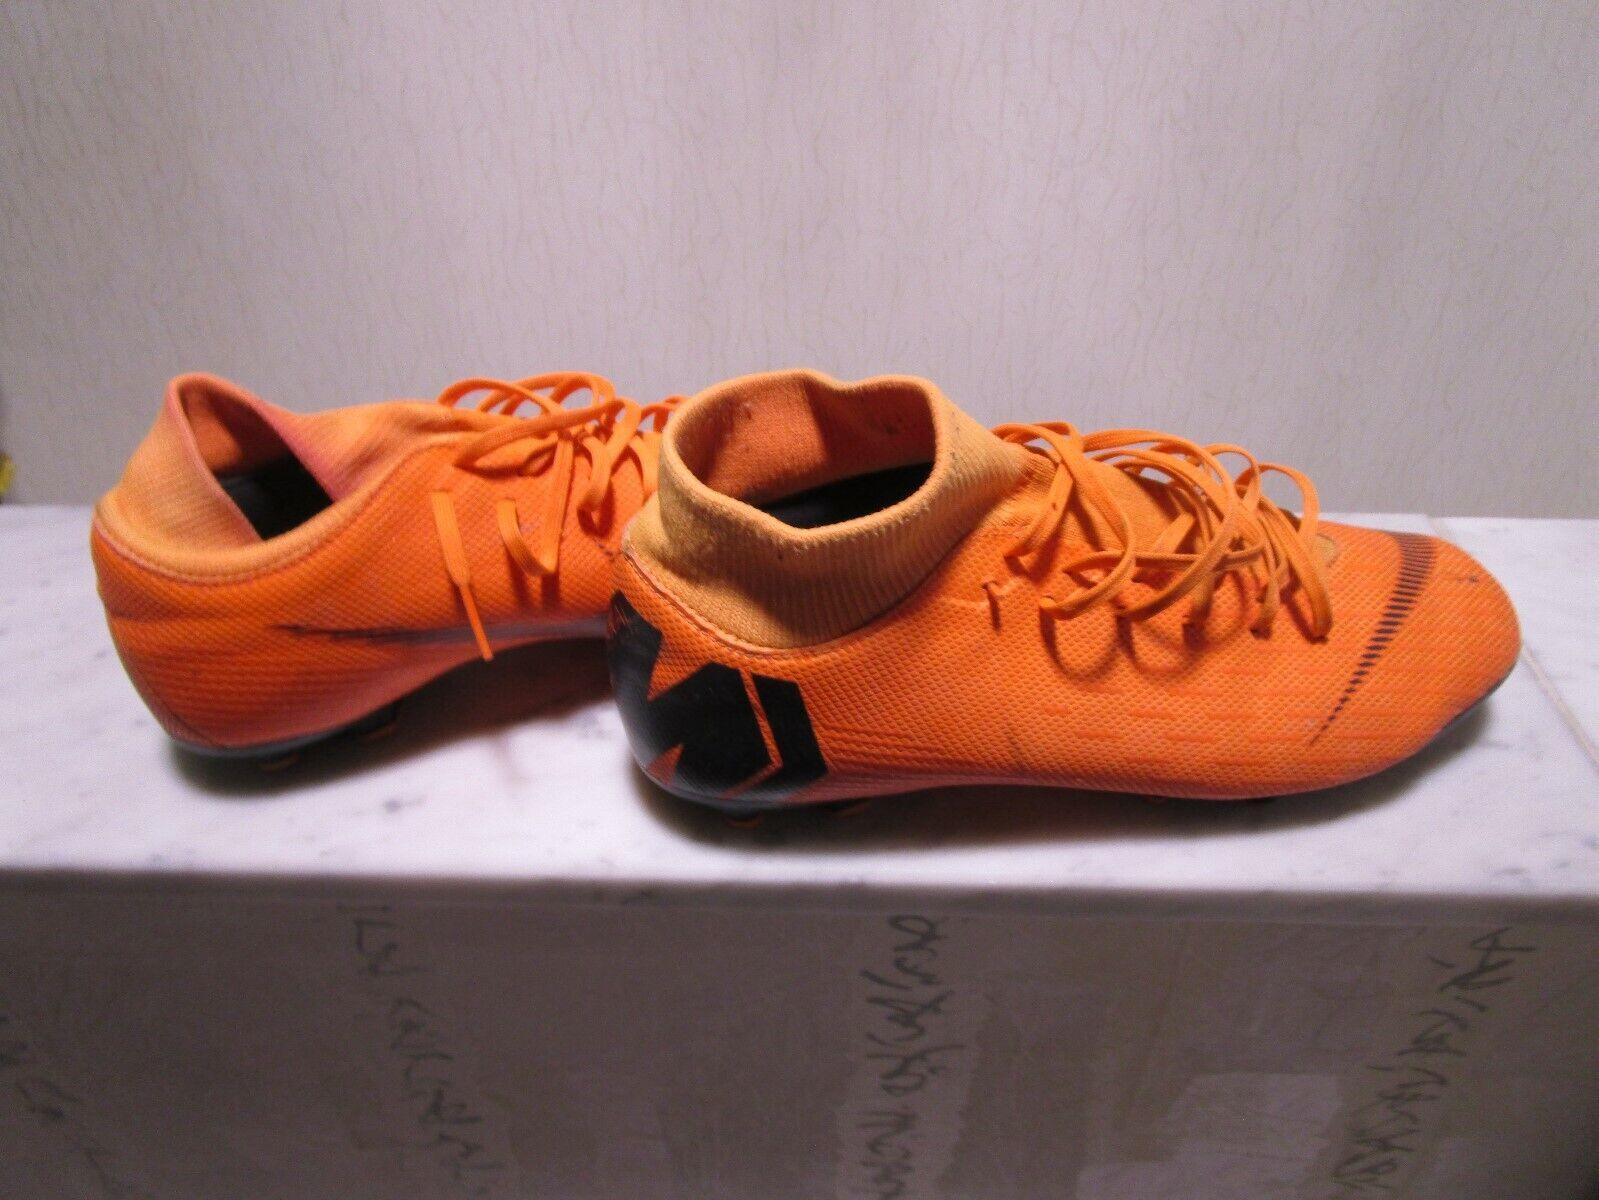 Herren Fussballschuhe NIKE Mercurial orange Gr 42